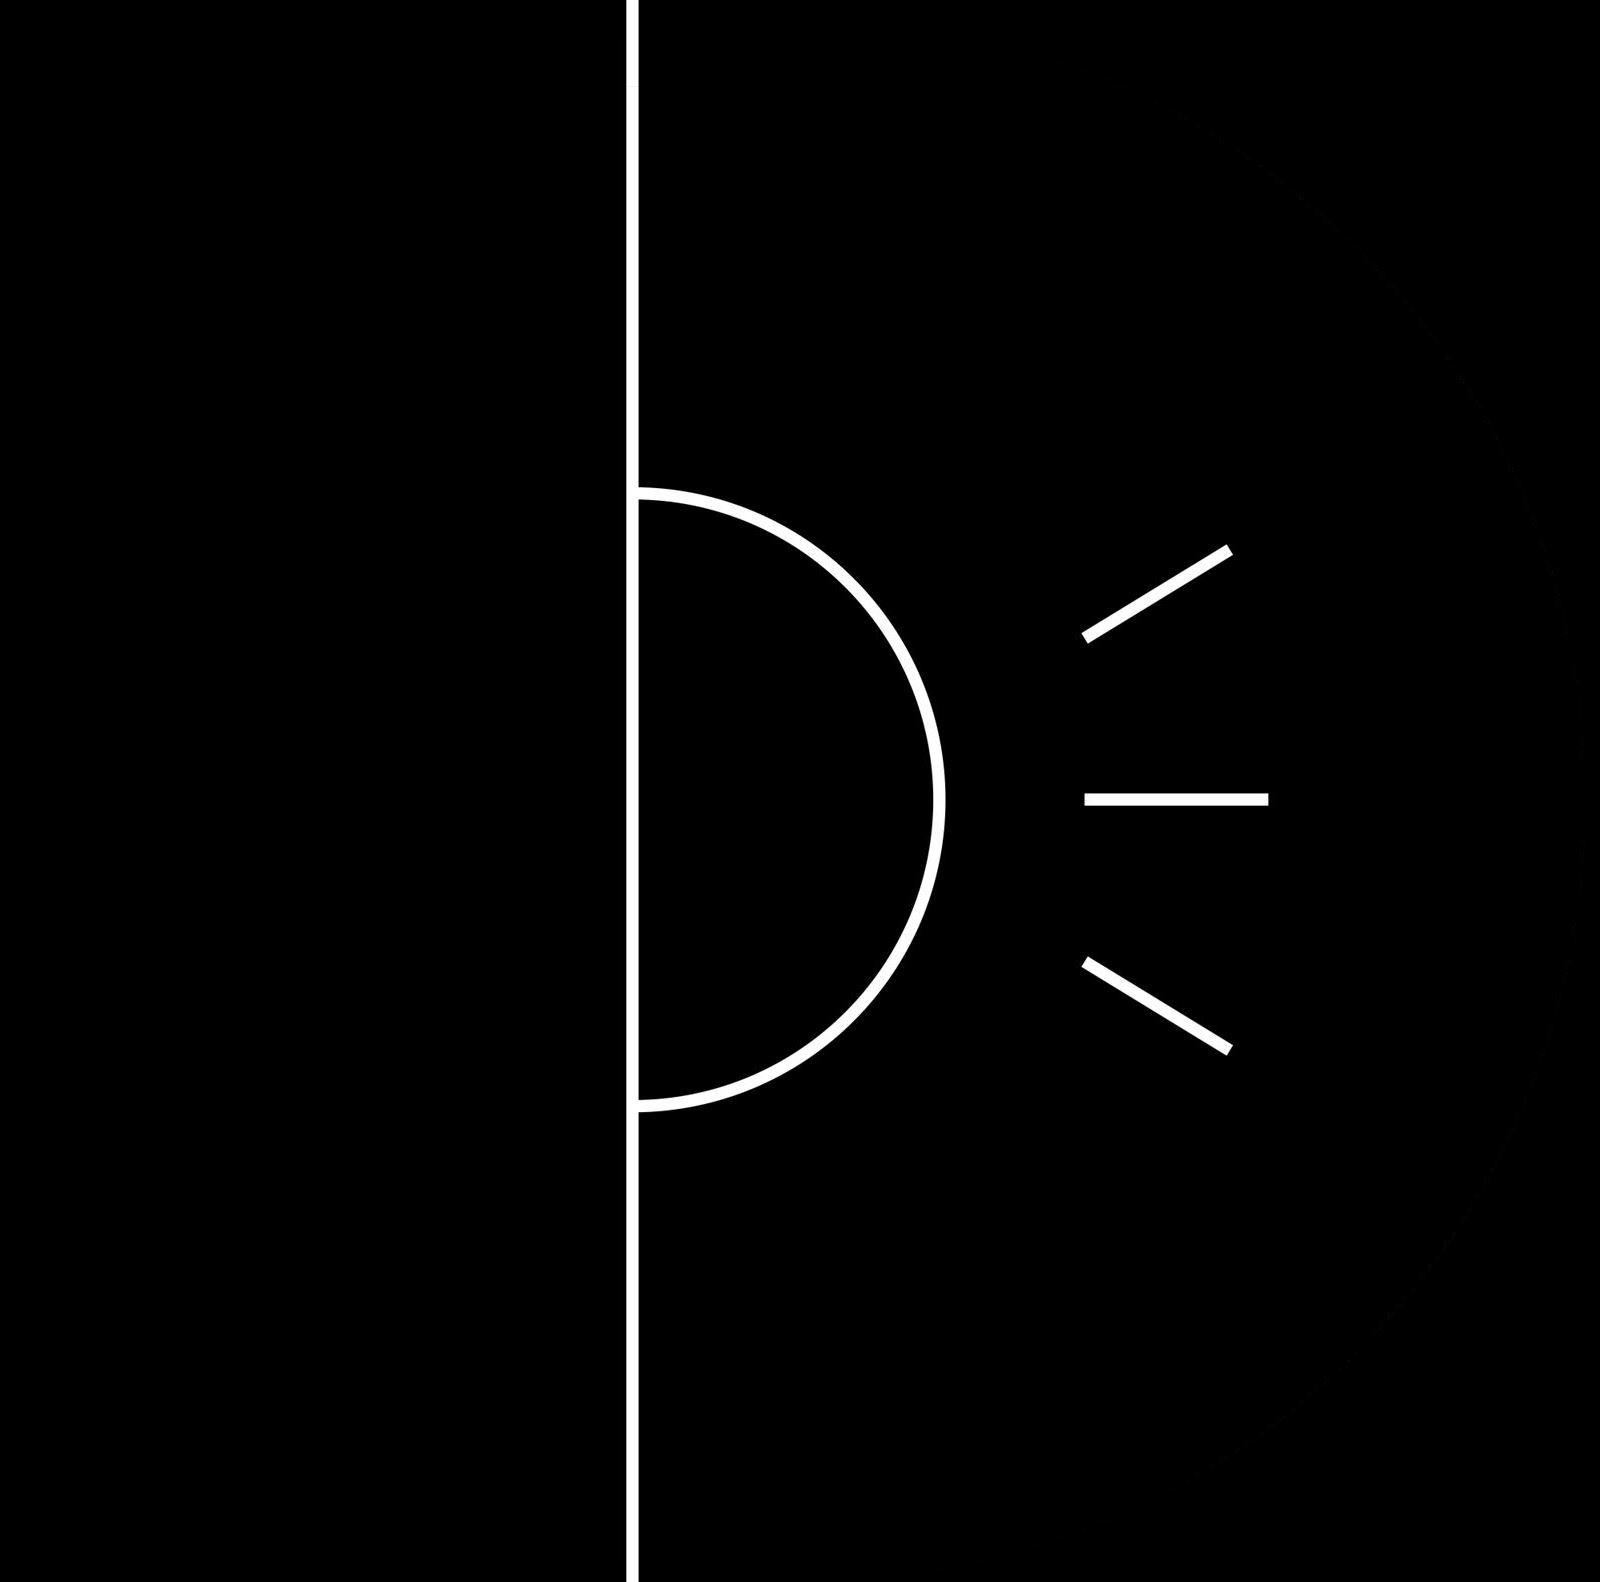 גופי תאורה בקטגוריית - מנורות קיר